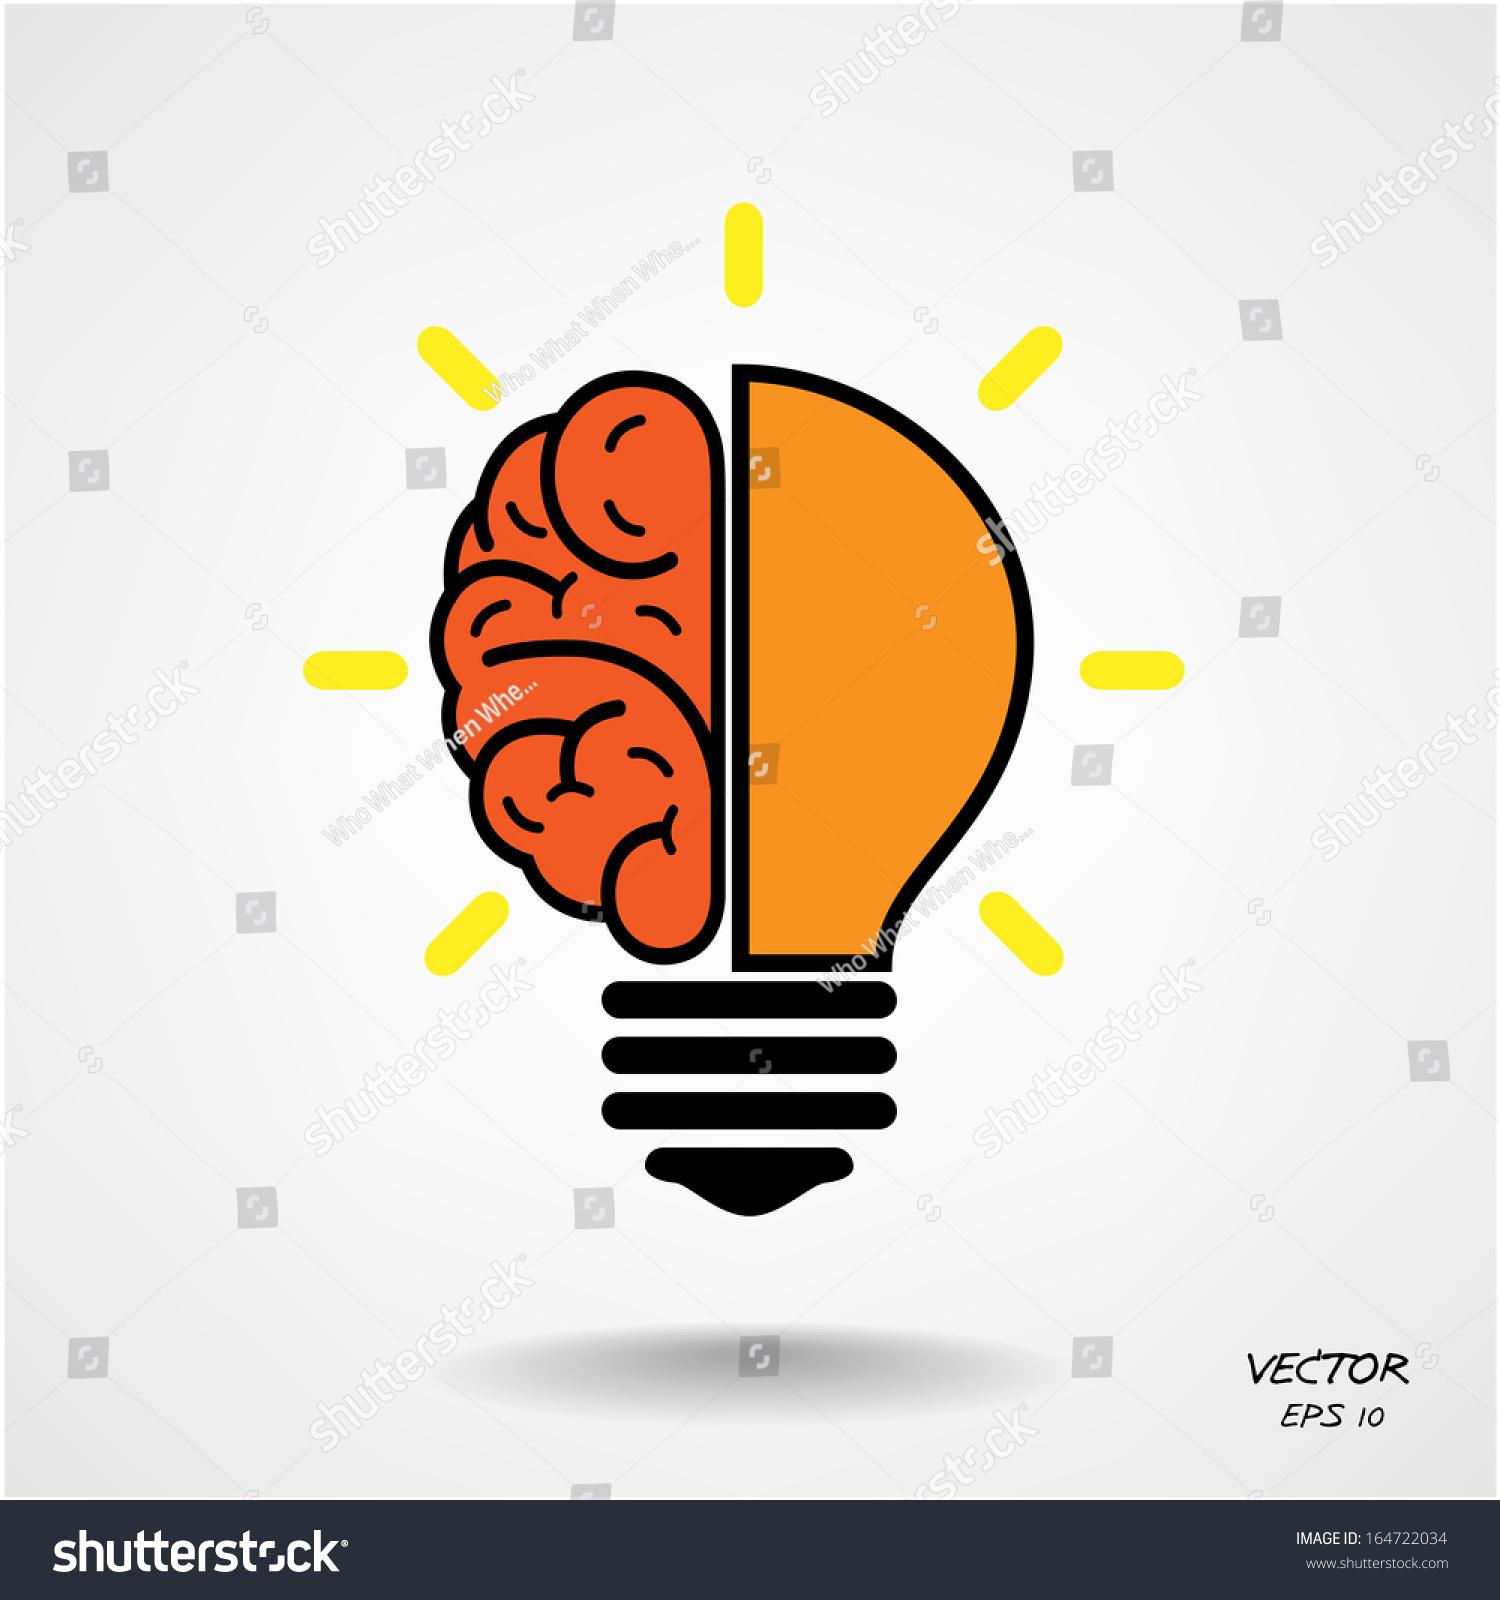 save to a lightbox idea design - Idea Design